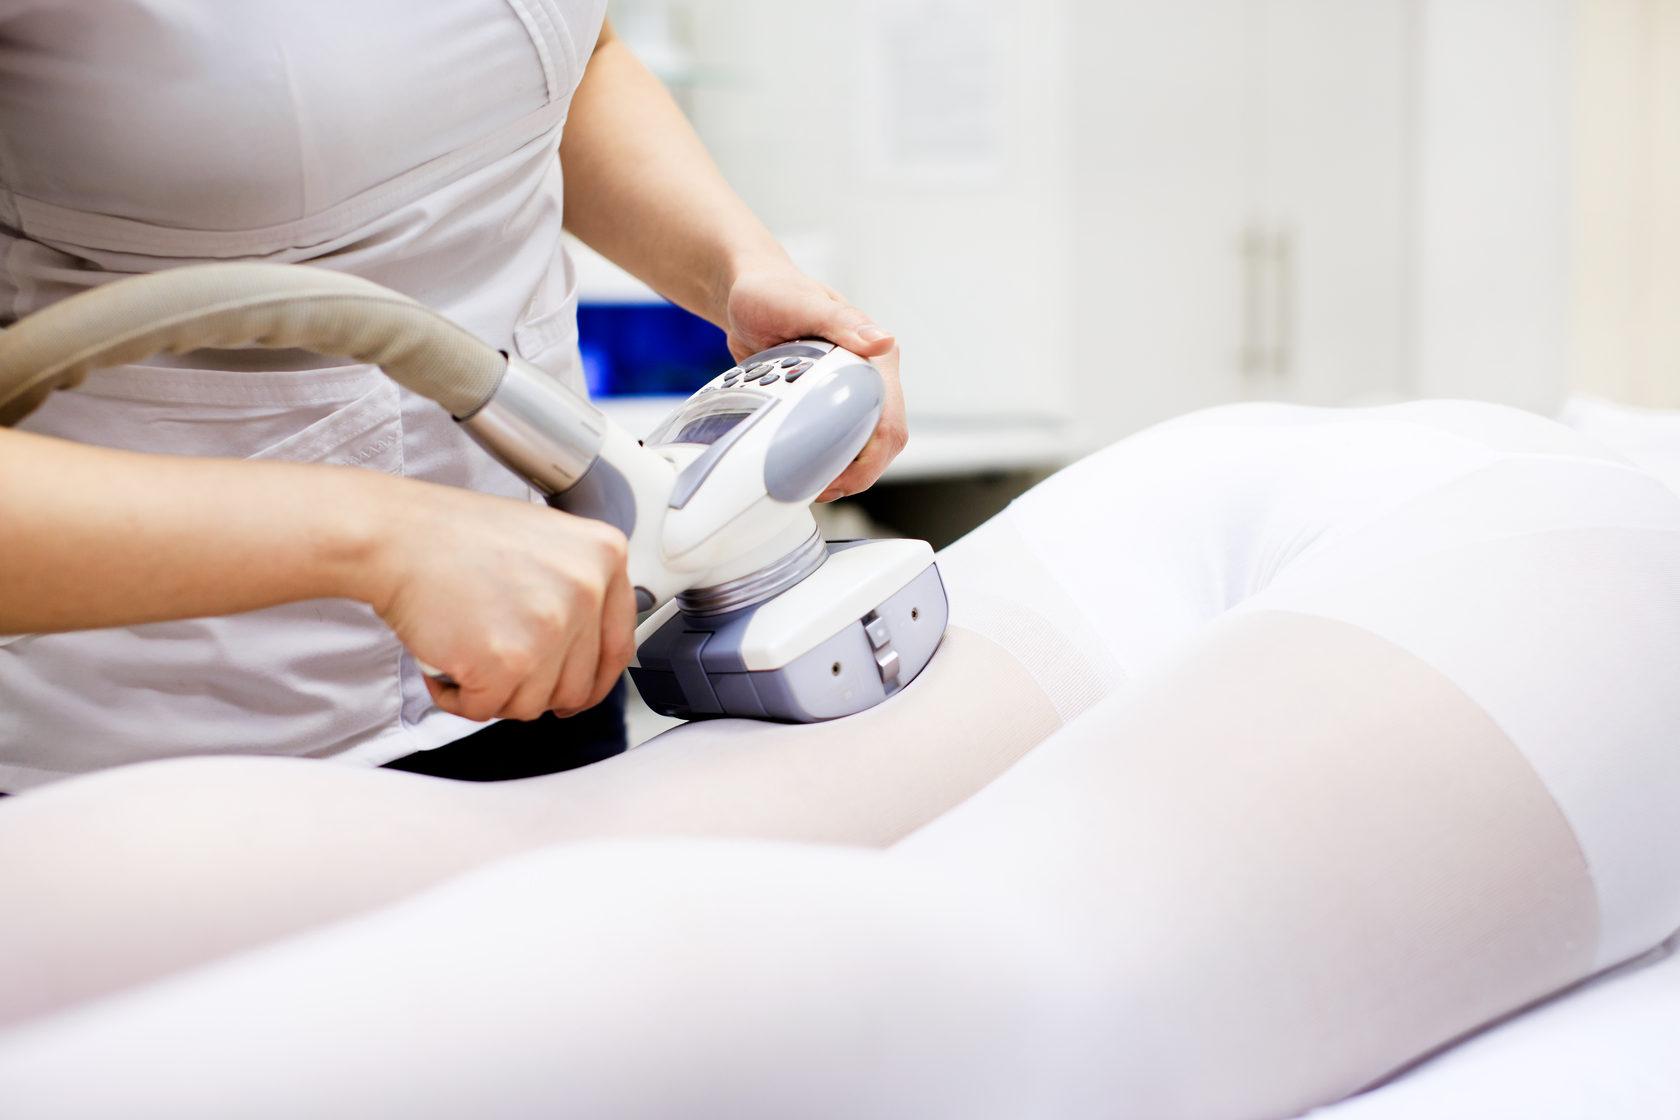 Процедуры Похудения В Салонах. Процедуры для похудения в салонах — эффективность косметических и аппаратных процедур коррекции фигуры